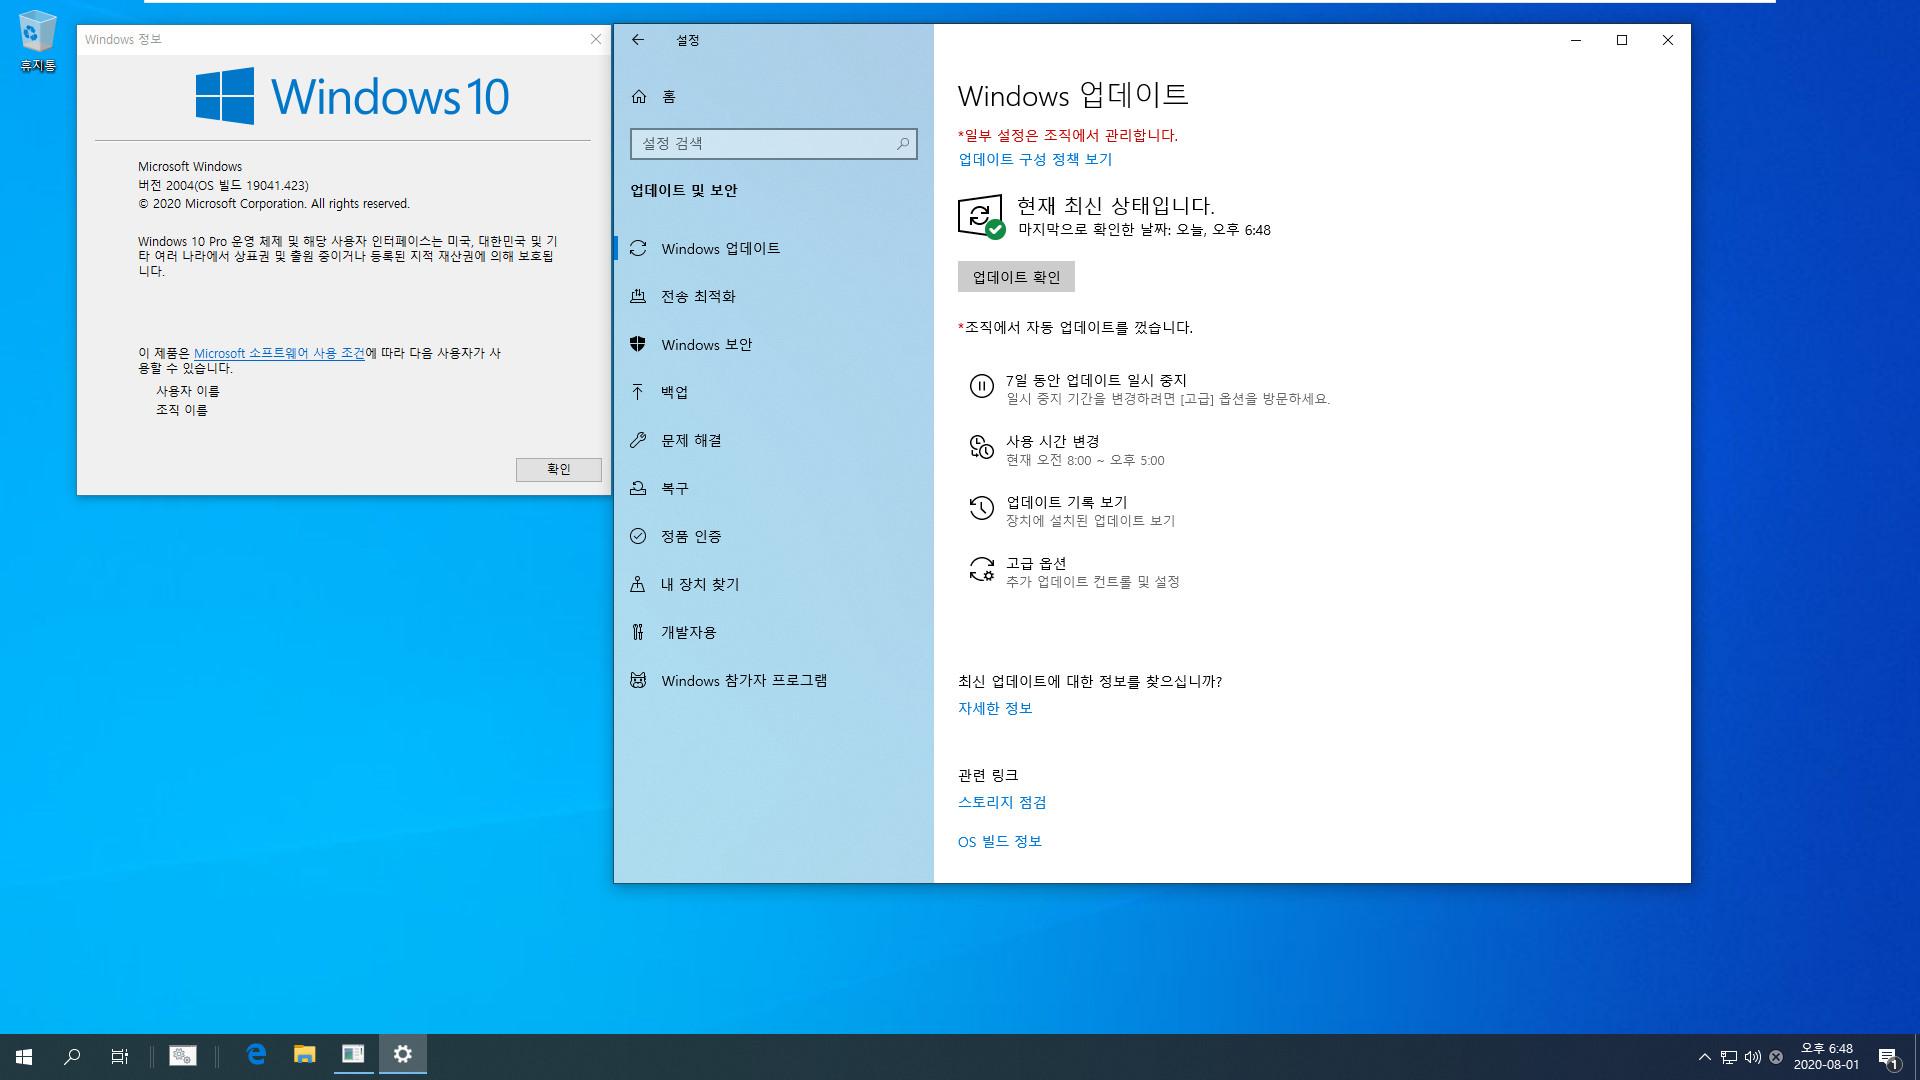 Windows 10 버전 2004, 19041.423빌드 누적 업데이트 KB4568831 나왔네요 - 자동 업데이트(정식 업데이트)가 아니라 선택적 업데이트(프리뷰)에만 나왔습니다 2020-08-01_184849.jpg